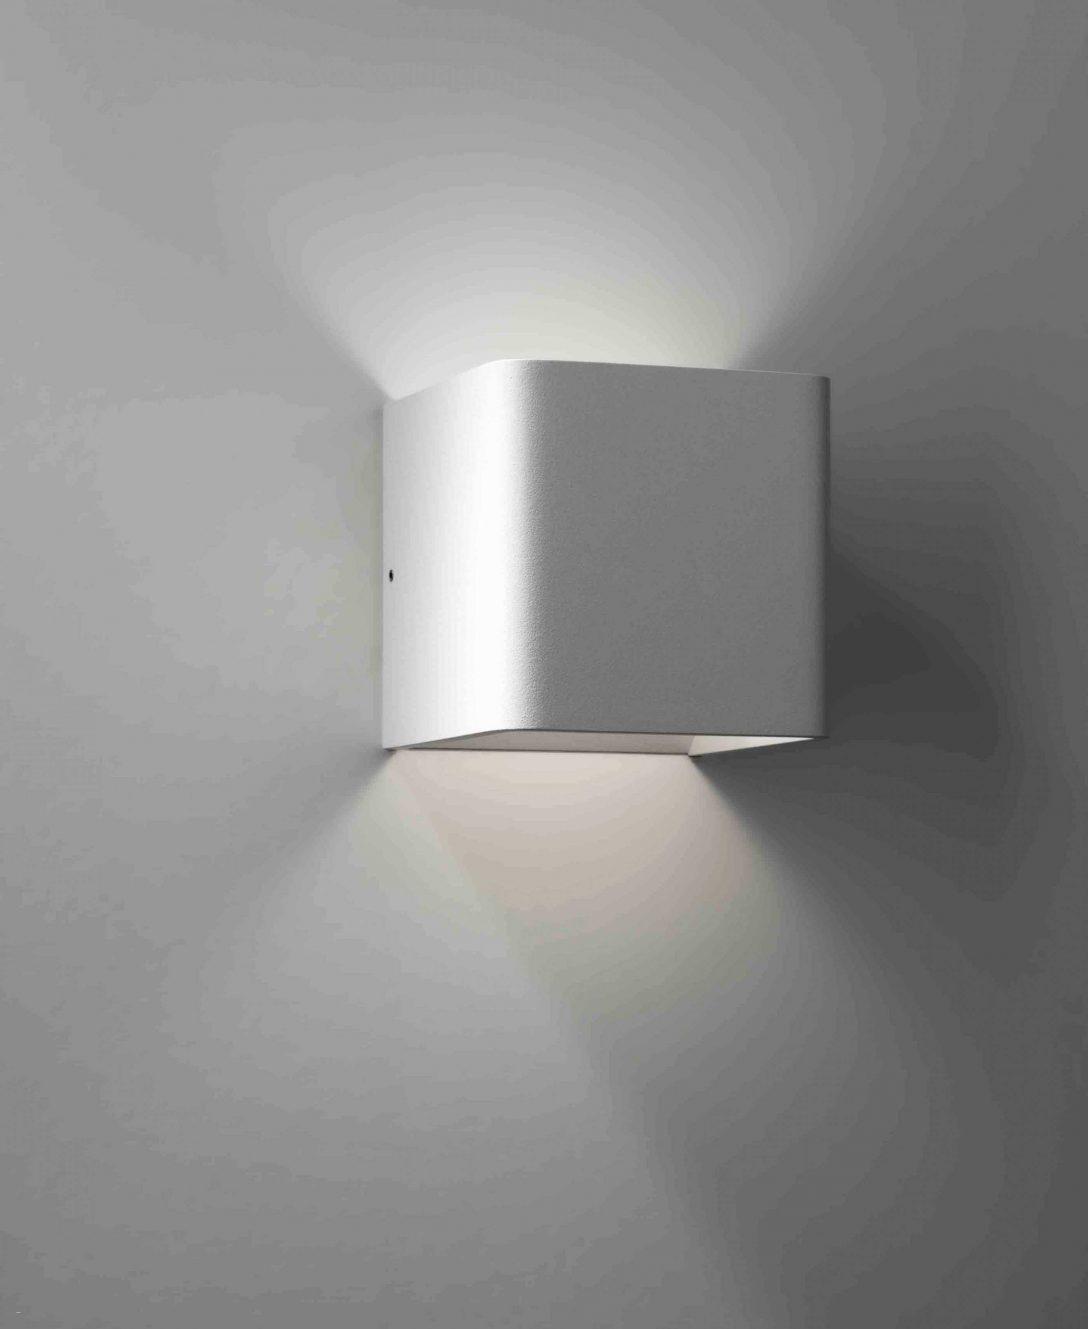 Large Size of Xyzs Wandlampe Kreative Neue Chinesische Wand Lampe Einfache Schlafzimmer Stuhl Günstig Badezimmer Landhausstil Regal Kommode Weiß Deckenlampe Lampen Rauch Schlafzimmer Lampe Schlafzimmer